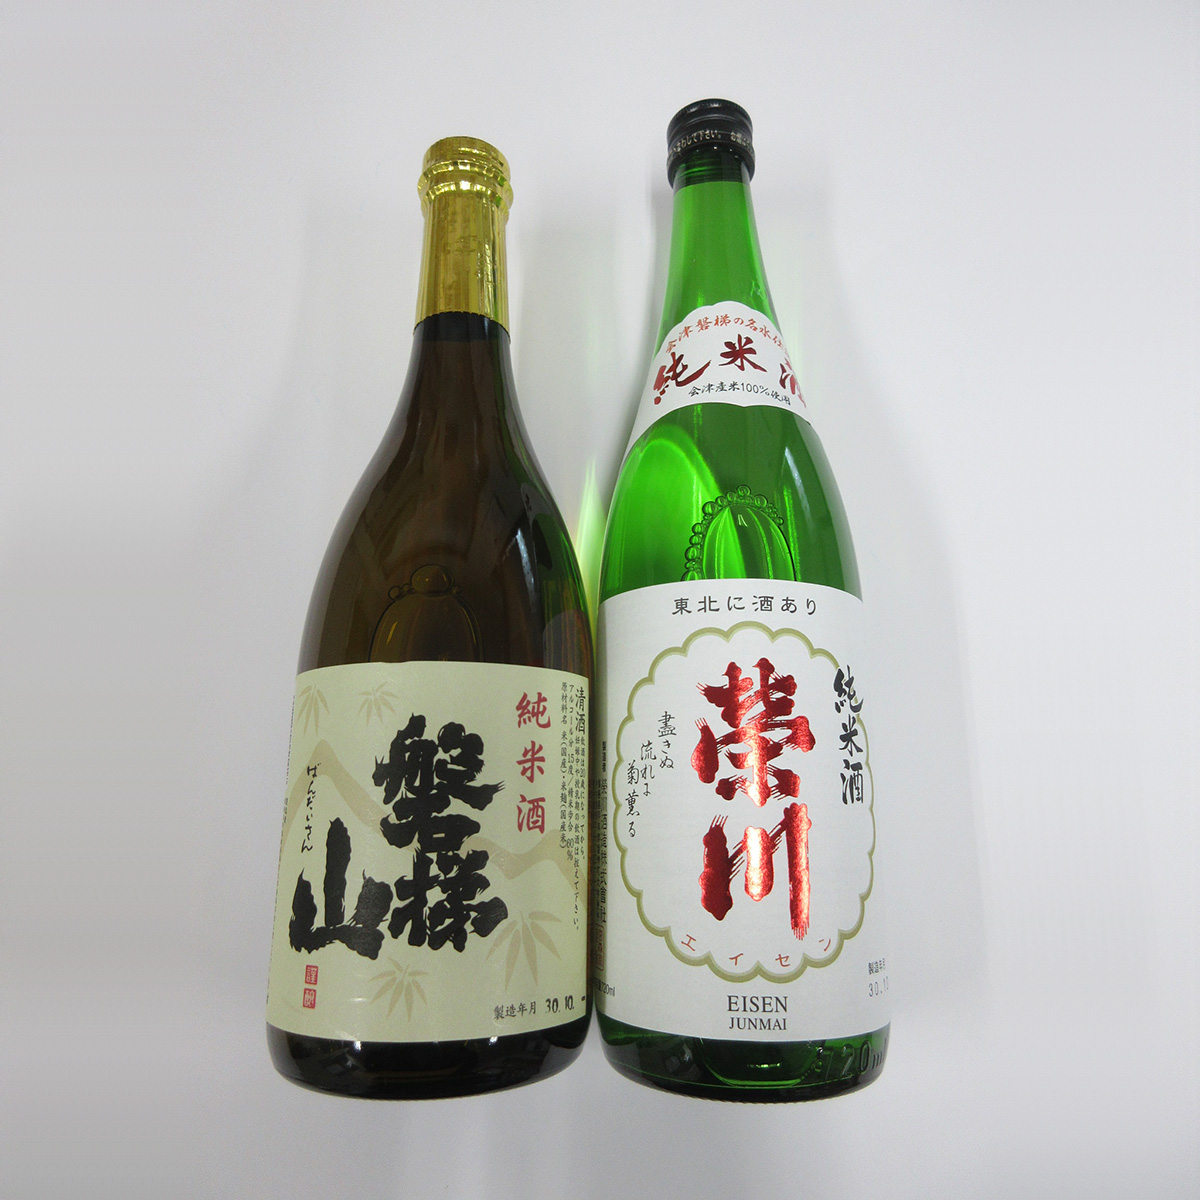 【ふるさと納税】町内酒造 お酒飲み比べセット